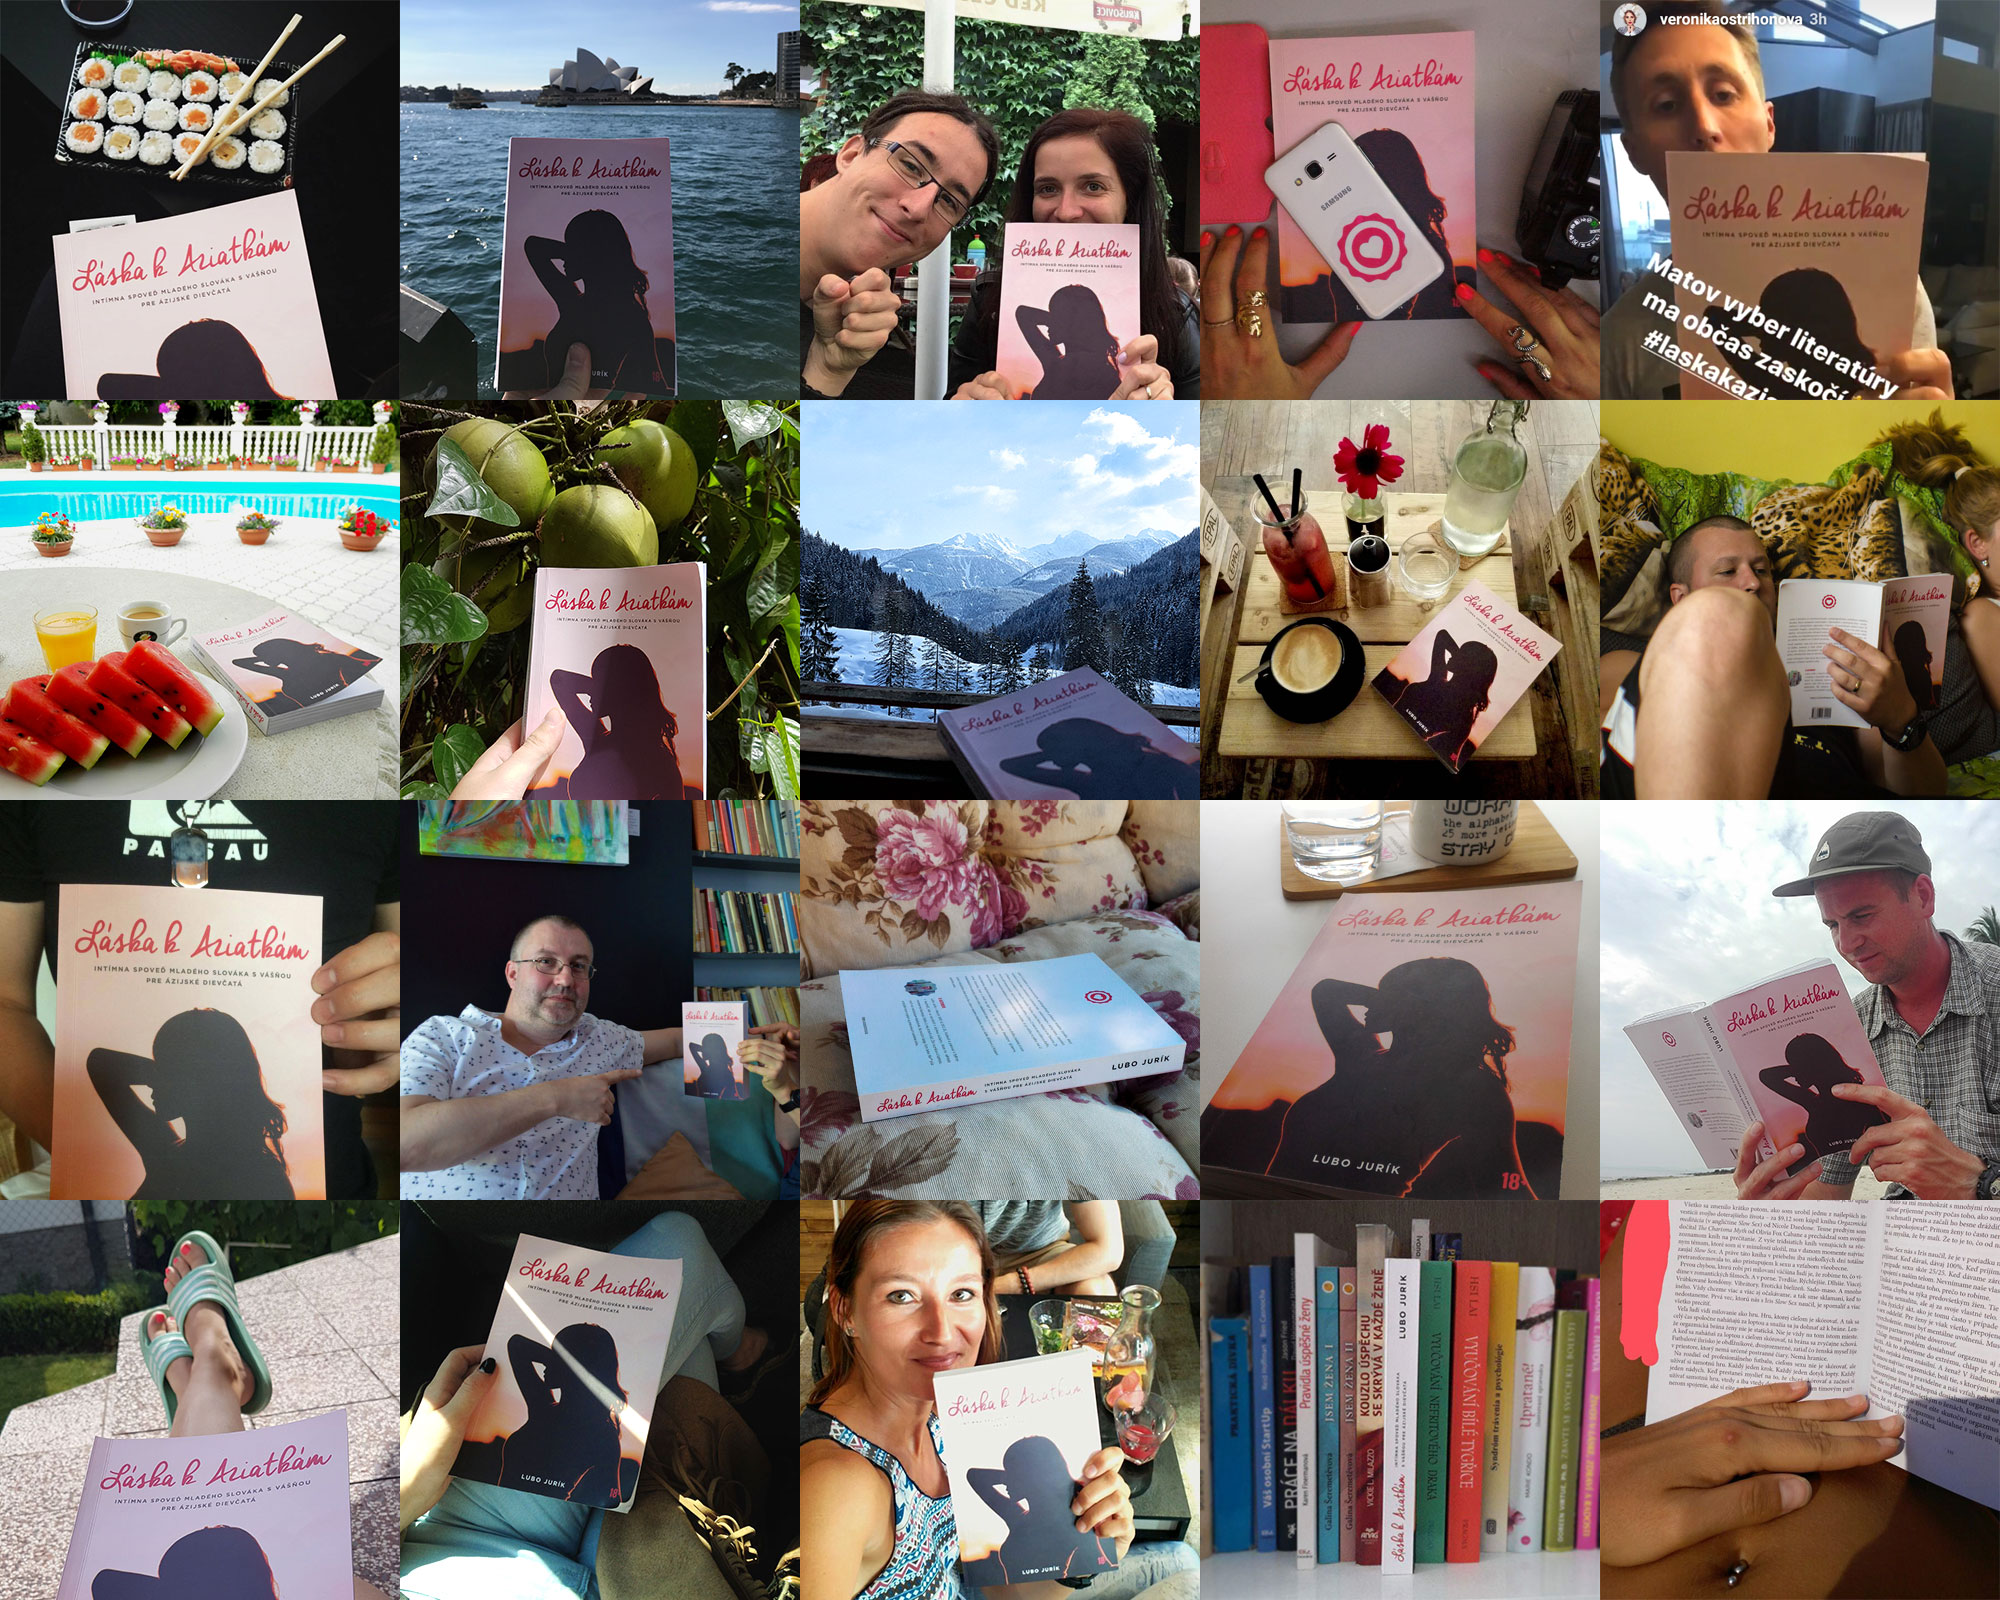 Čitatelia knihy Láska k Aziatkám